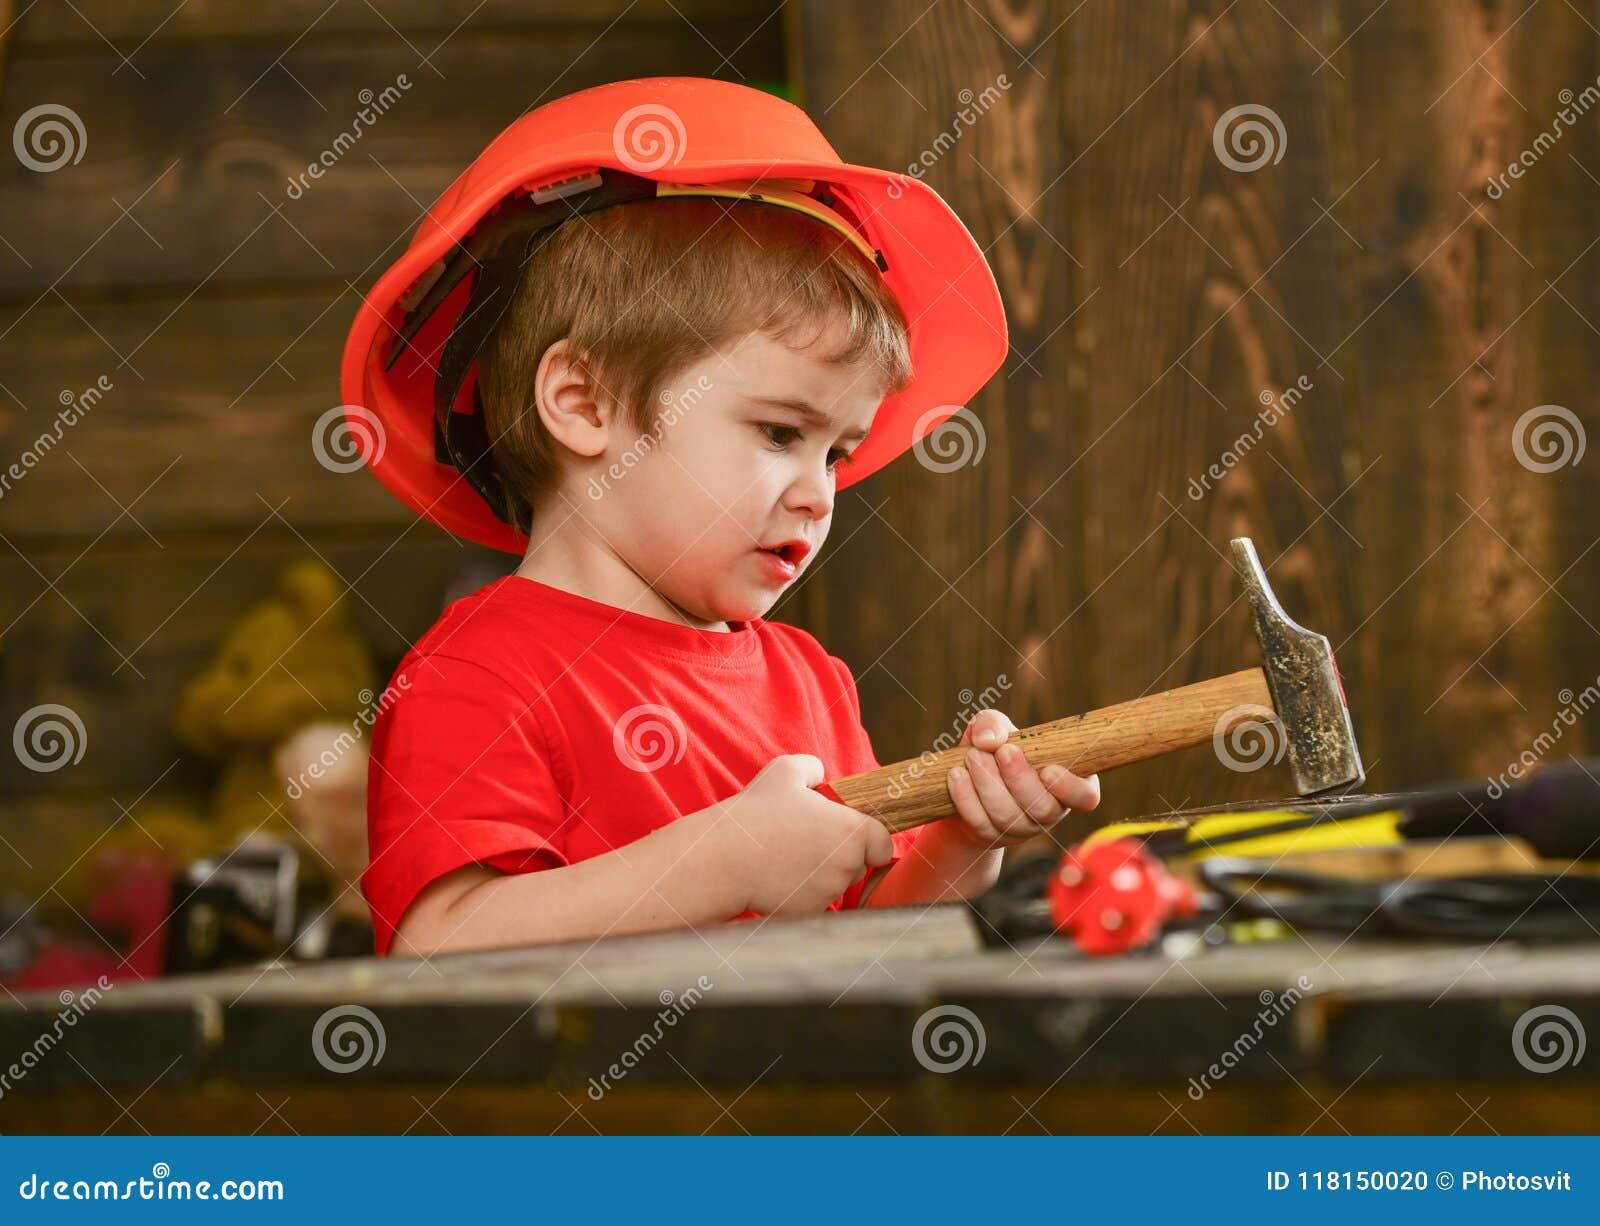 Оягнитесь мальчик бить молотком ноготь молотком в деревянную доску Ребенок в играть шлема милый как построитель или repairer, рем